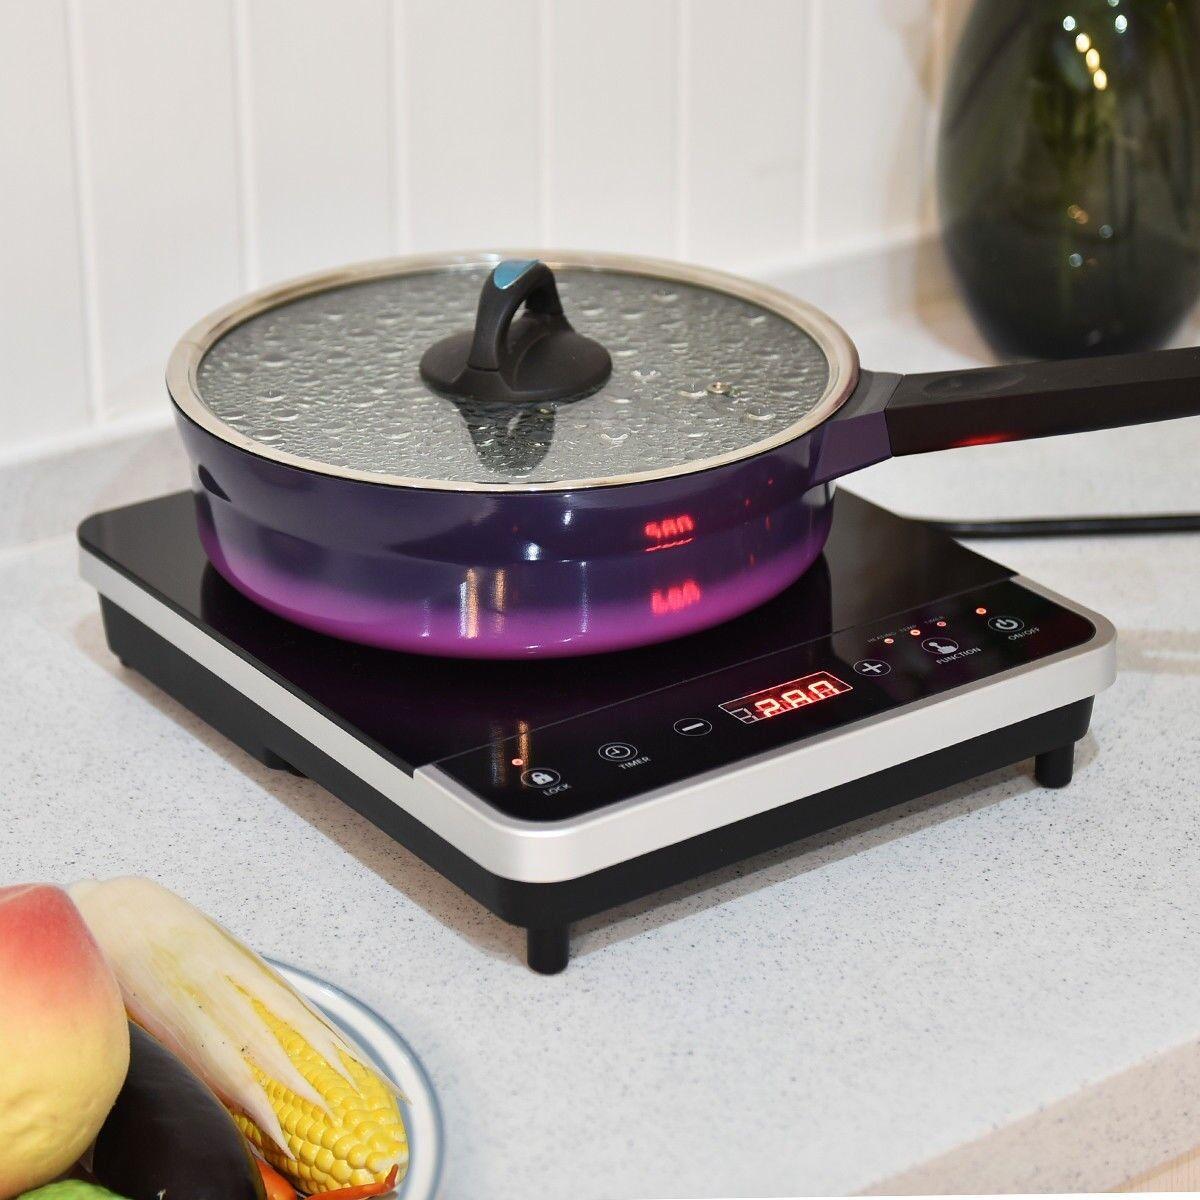 Cocina De Inducción Eléctrica Individual Portátil Para cocinar Alimentos Sin Gas